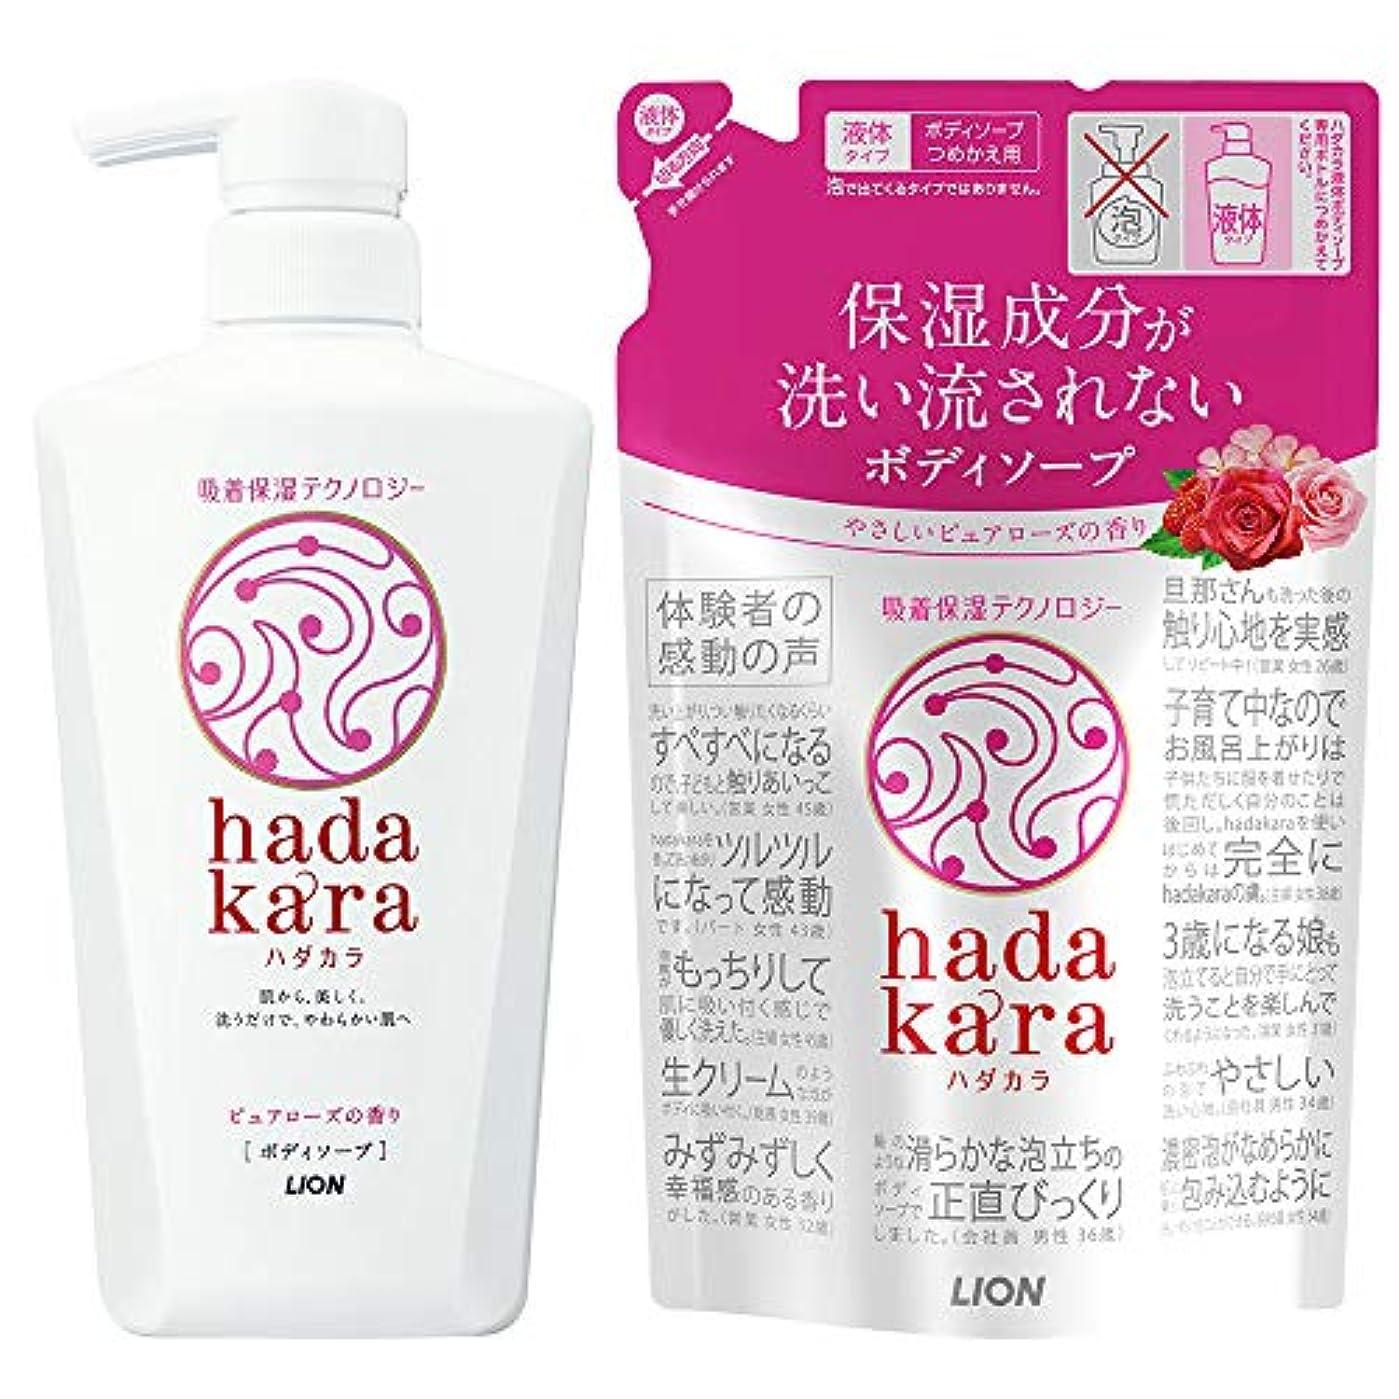 オデュッセウス感謝ストロークhadakara(ハダカラ) ボディソープ ピュアローズの香り 本体500ml+つめかえ360ml +